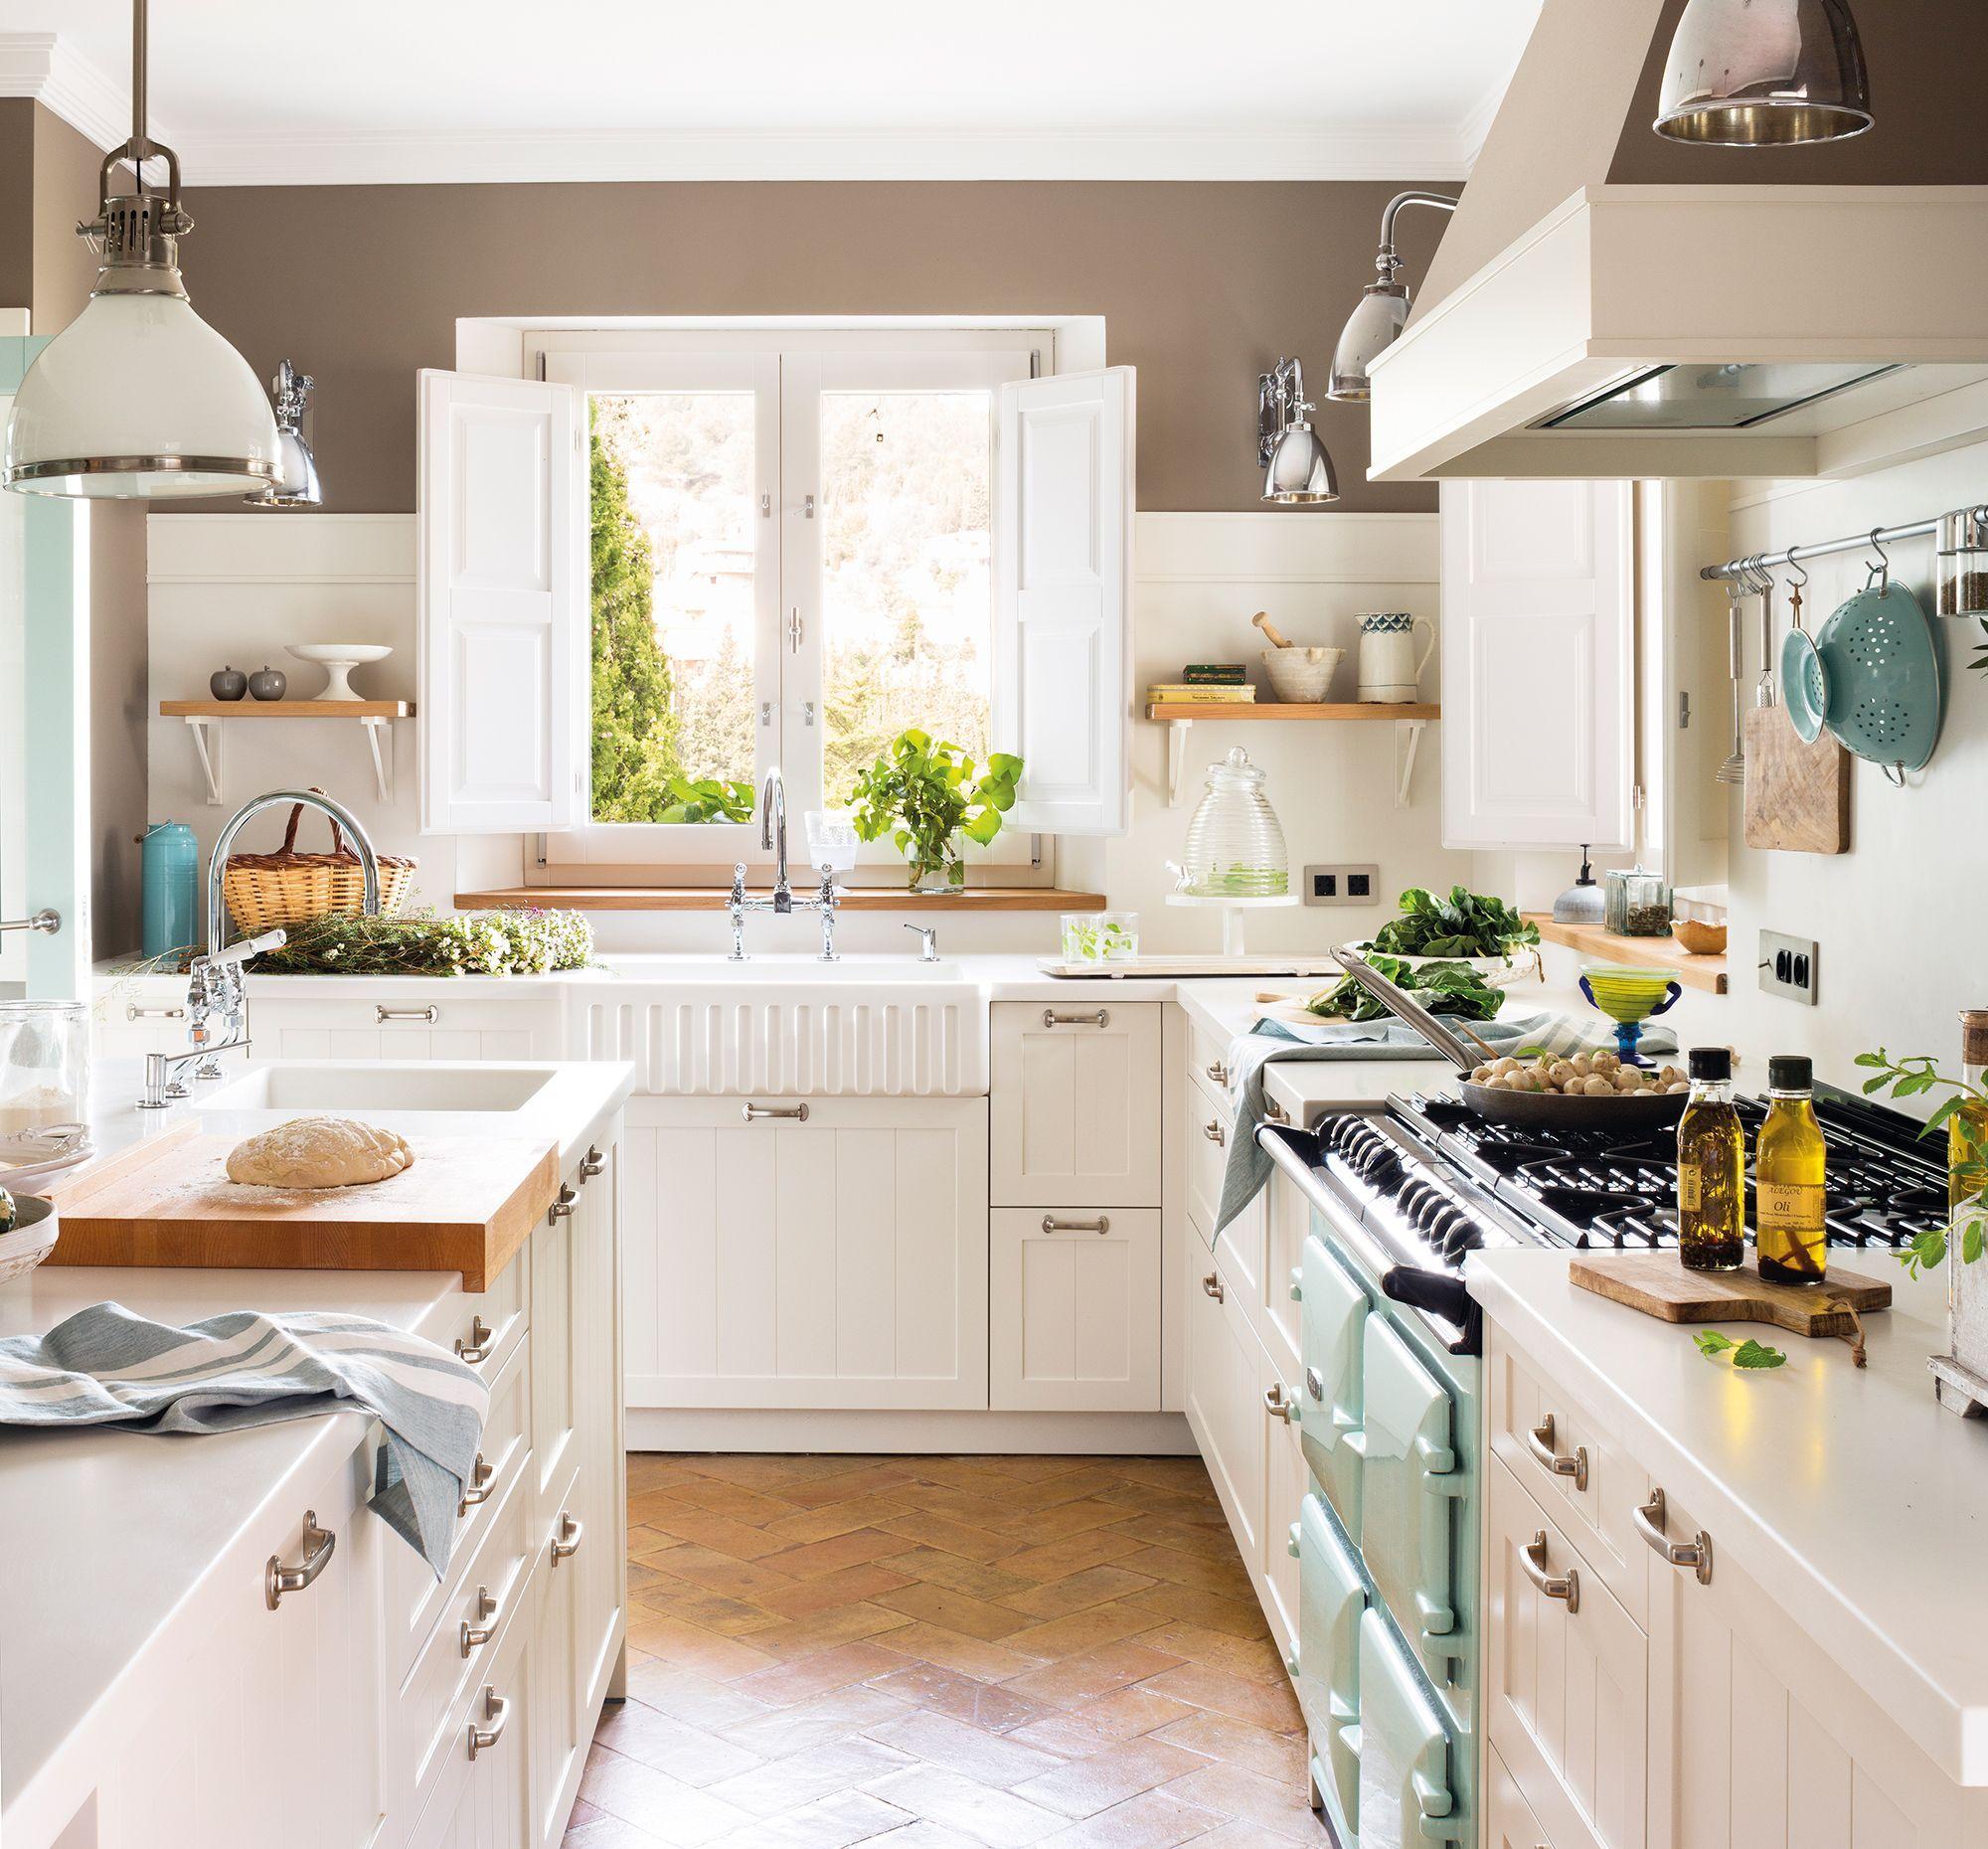 Cocina Vintage Con Muebles Blancos Pared Piedra Y Detalles En  # Muebles Kimberly